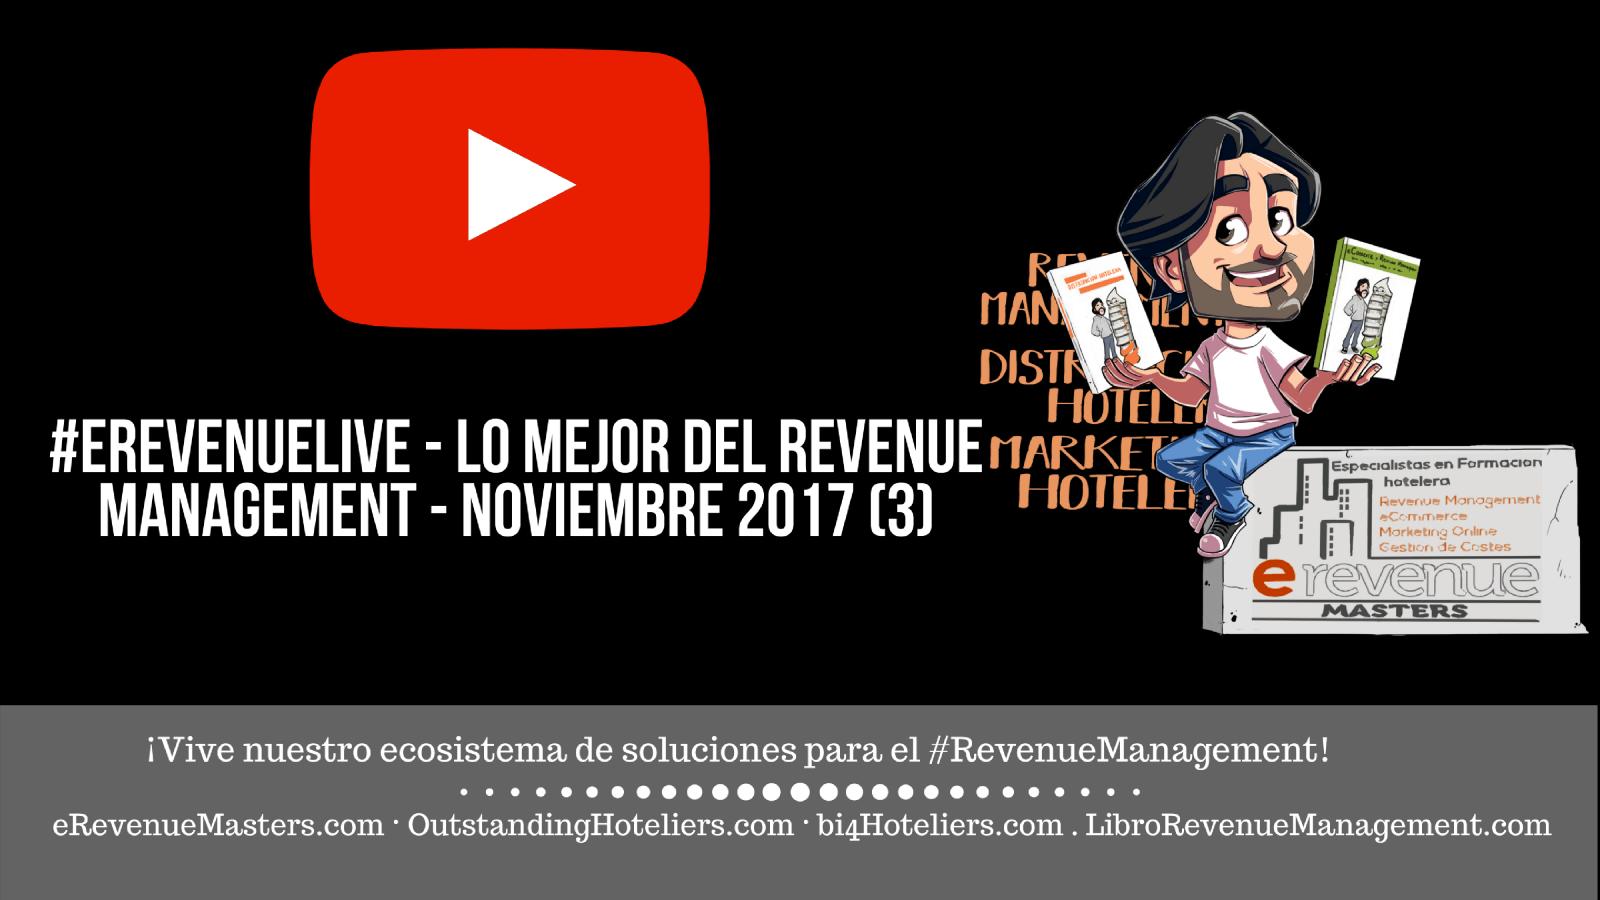 (video & Podcast) #eRevenueLive - Lo mejor del Revenue Management - noviembre 2017 (3)